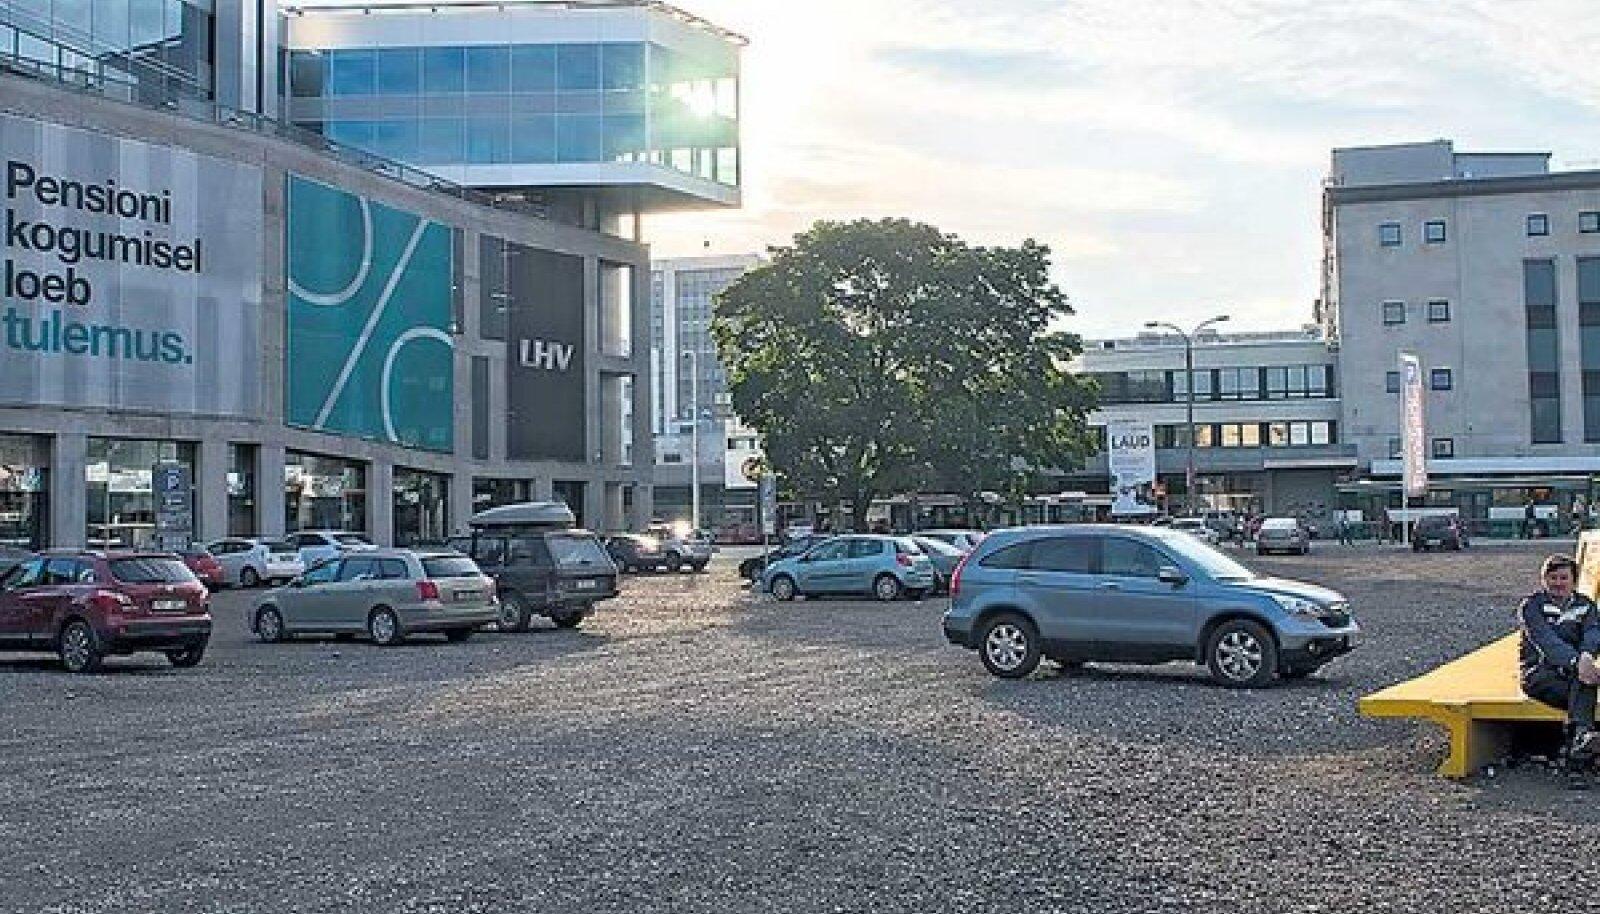 Kunstiakadeemia Tartu maantee krunt on endiselt tulipunktis: olematu hoone on EKA-lt võtnud juba 6,1 miljonit eurot, naaber ja linn vaidlevad seniajani ehitusloa tingimuste üle.